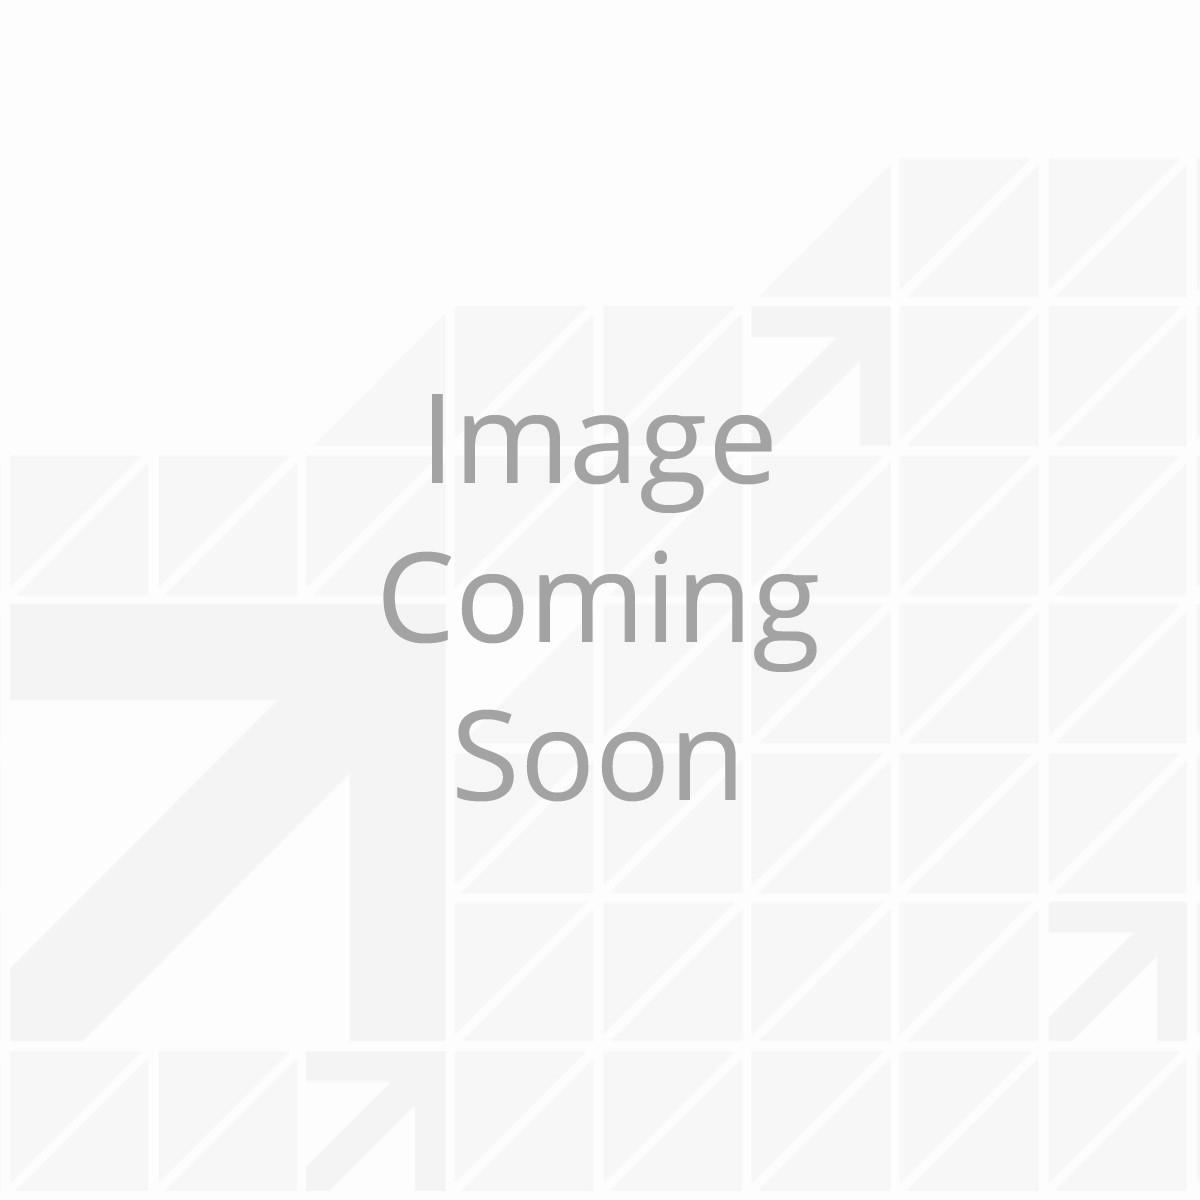 28-x-438-lead-screw-tv-lifts